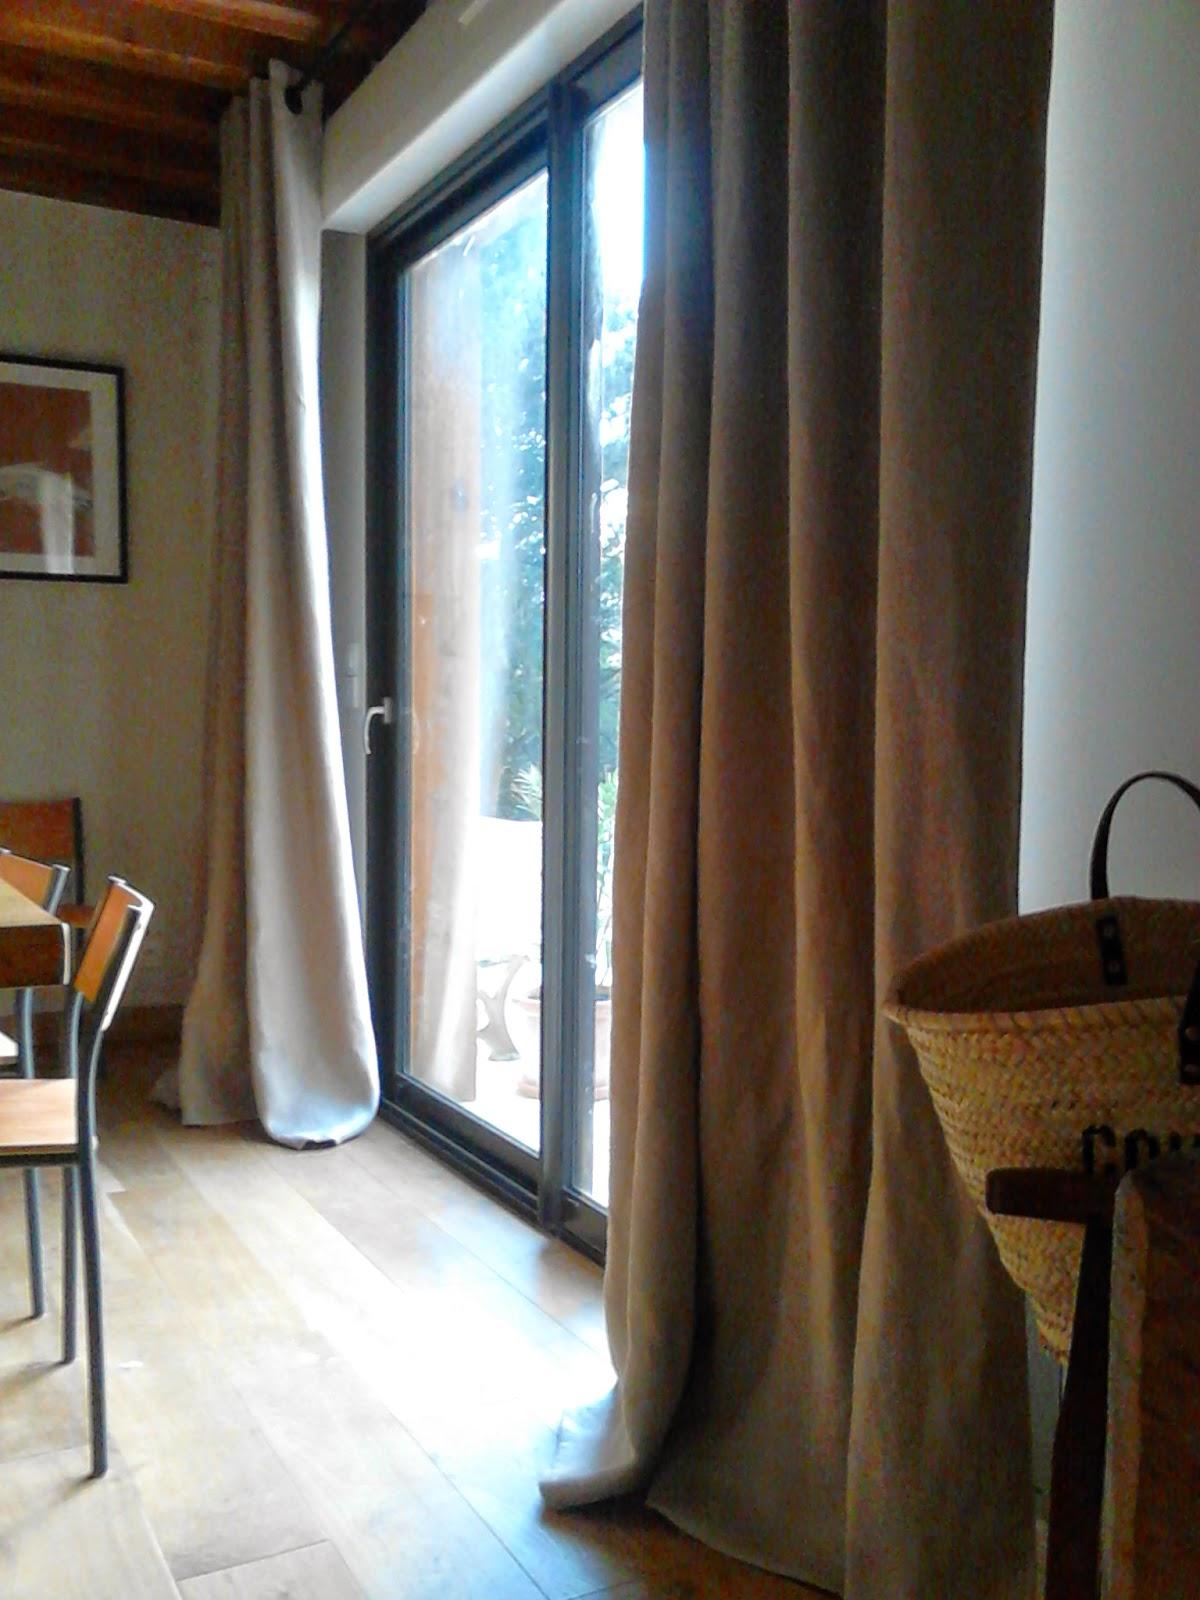 un si beau jour et de la d co. Black Bedroom Furniture Sets. Home Design Ideas